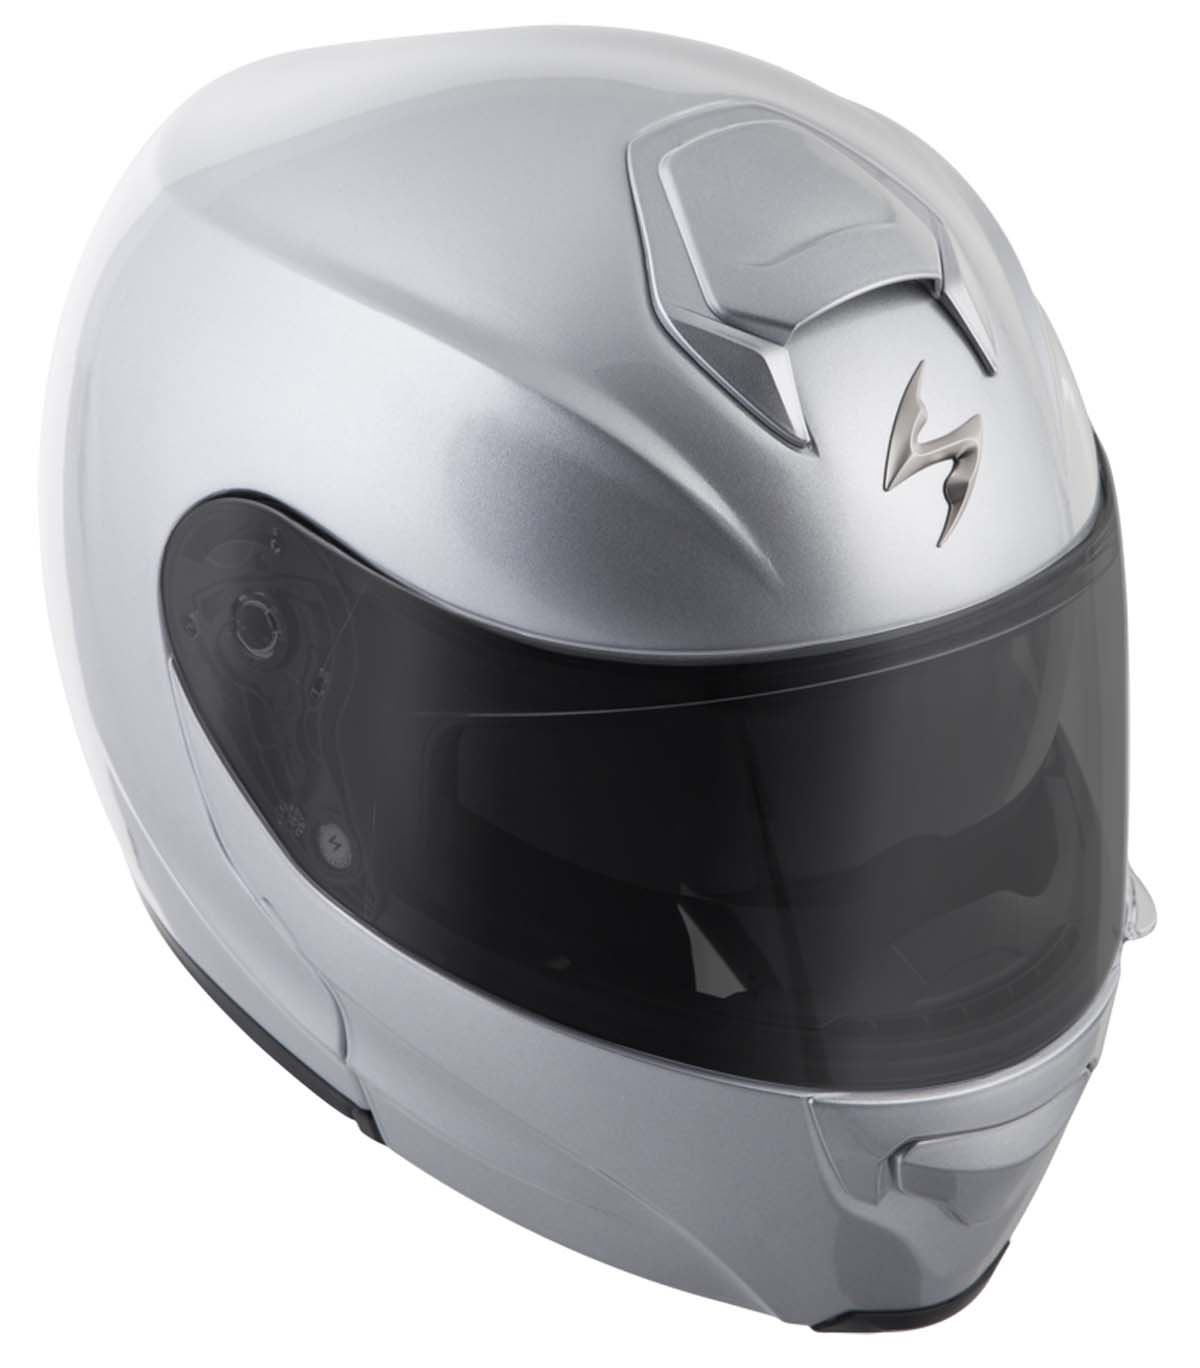 Scorpion-EXO-GT3000-Helmet-Modular-Flip-Up-Premium-DOT-Approved-XS-2XL miniature 16